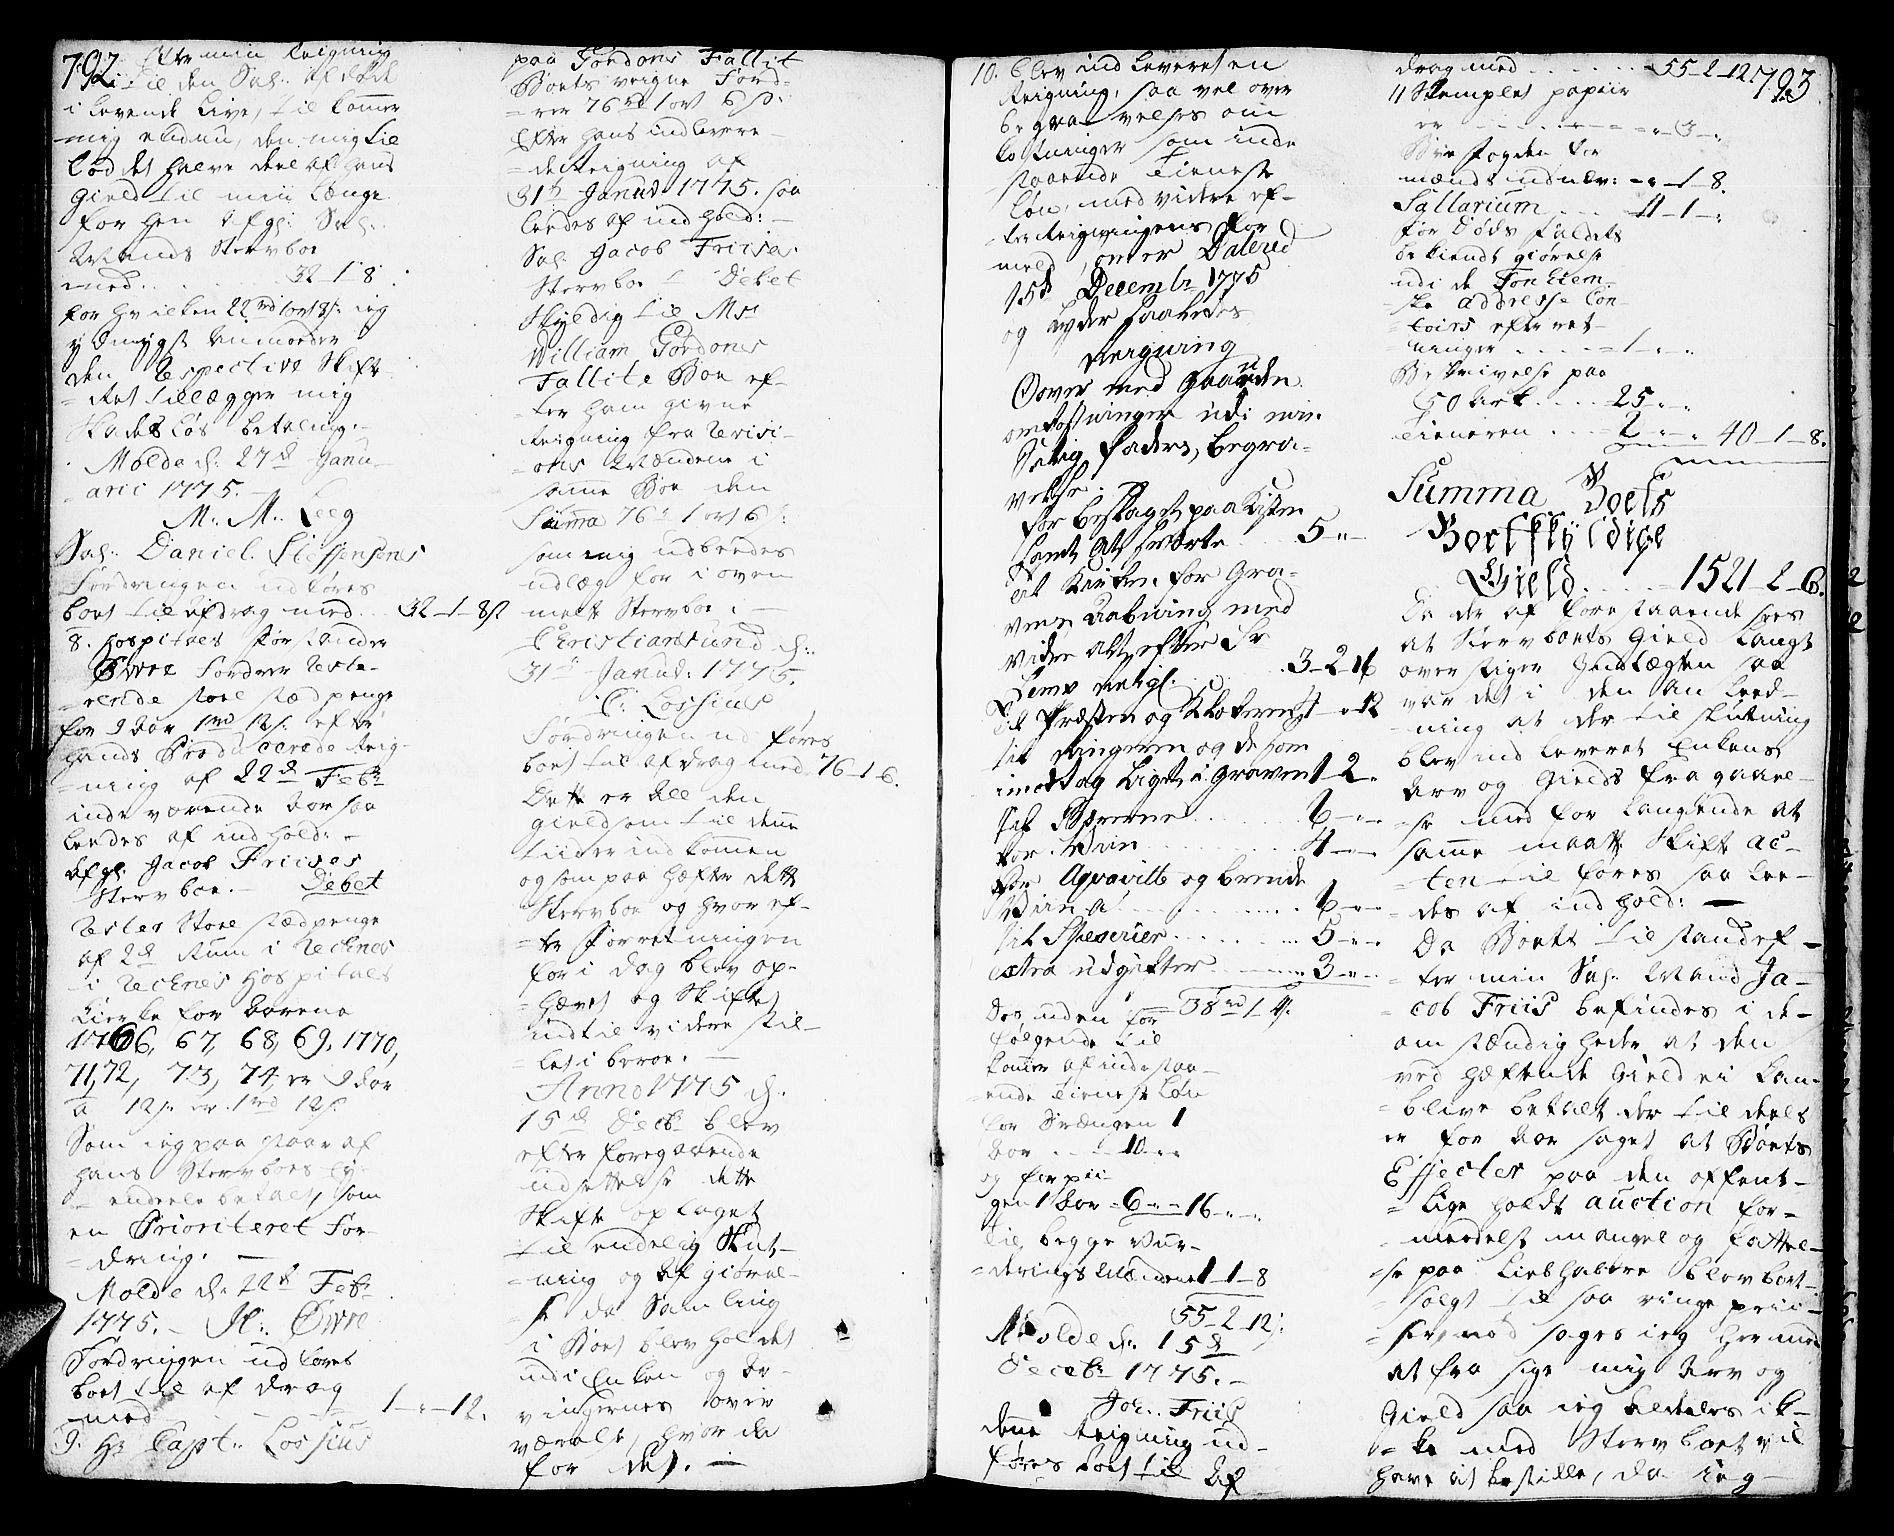 SAT, Molde byfogd, 3/3Aa/L0002: Skifteprotokoll, 1768-1787, s. 792-793